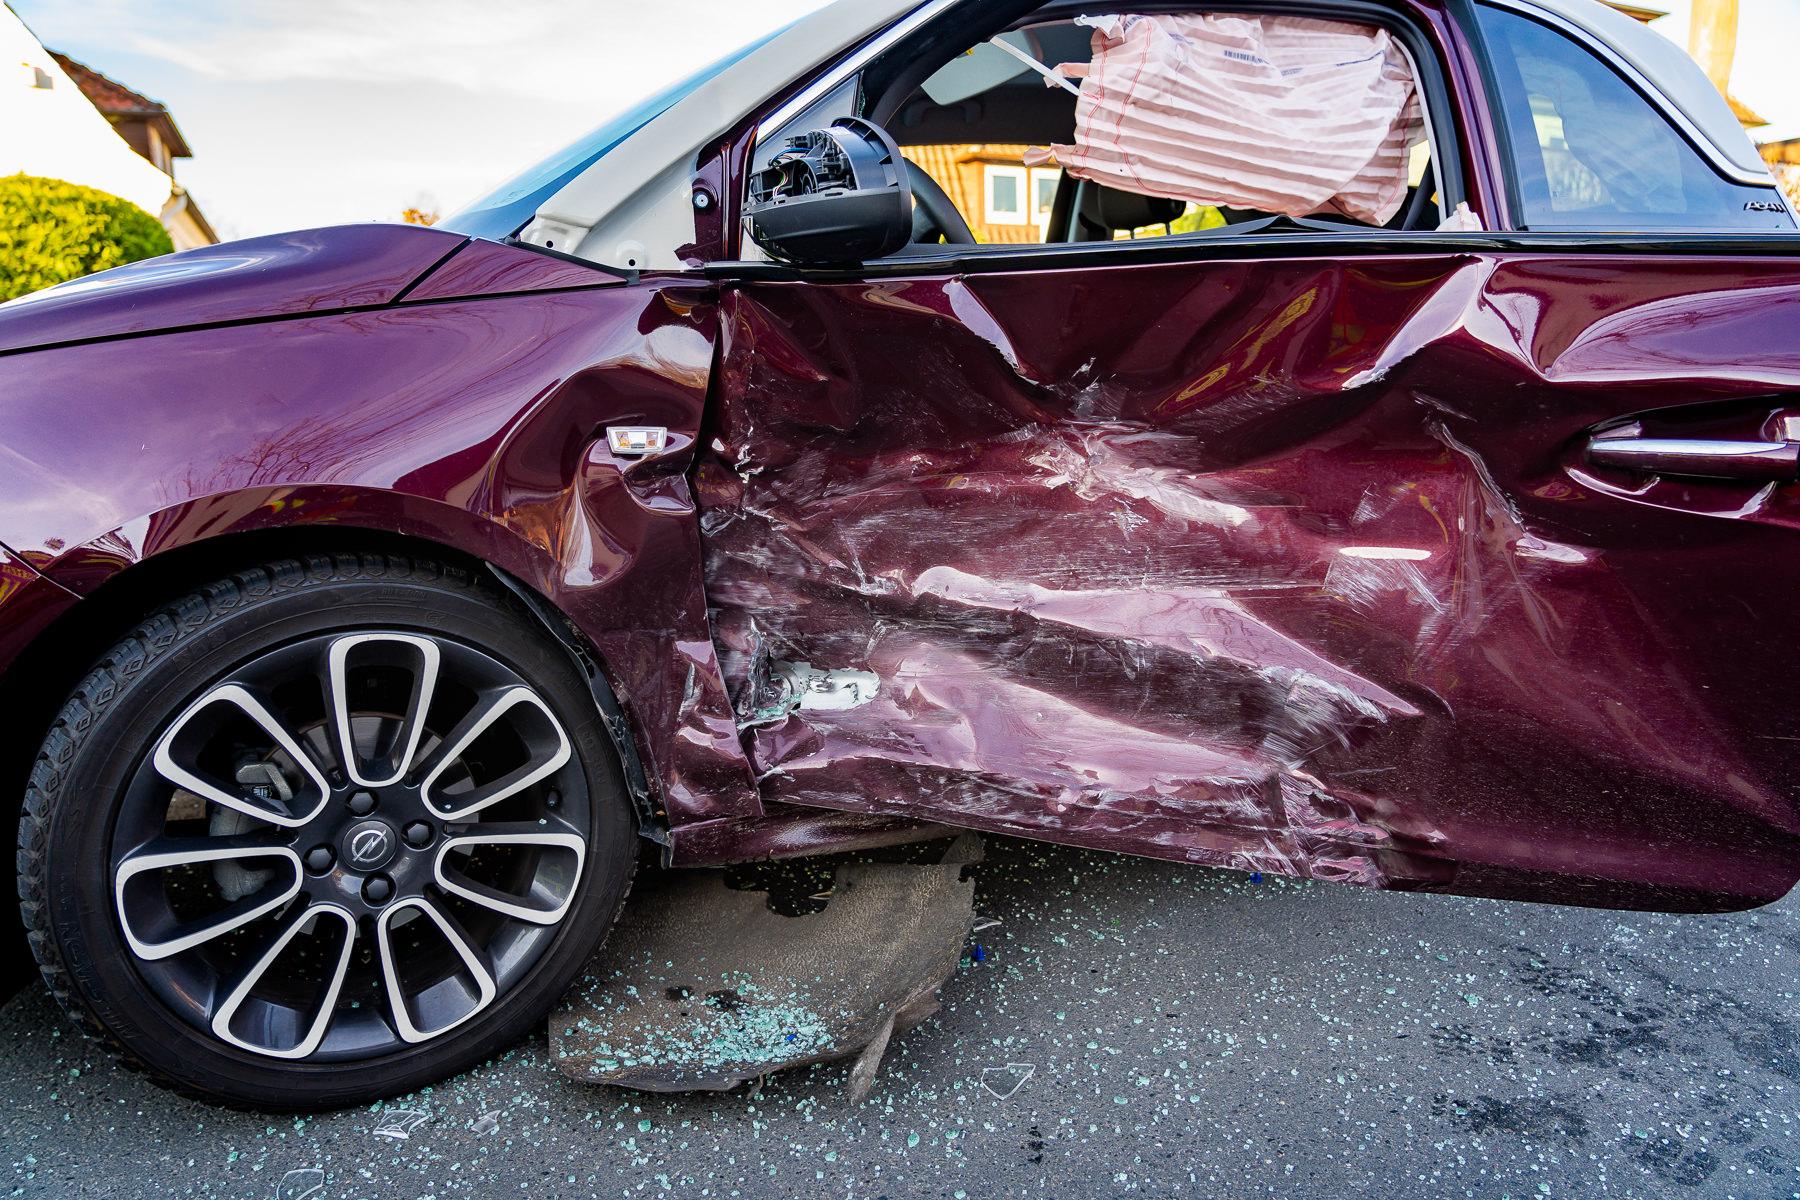 Starker Aufprall: Der Kleinwagen der 83-jährigen Unfallverursacherin stand nach Zeugenangaben fast rechtwinklig zur Fahrbahn, wurde durch den Aufprall aber wieder zurückgeschleudert (Foto: n112.de/Stefan Simonsen)